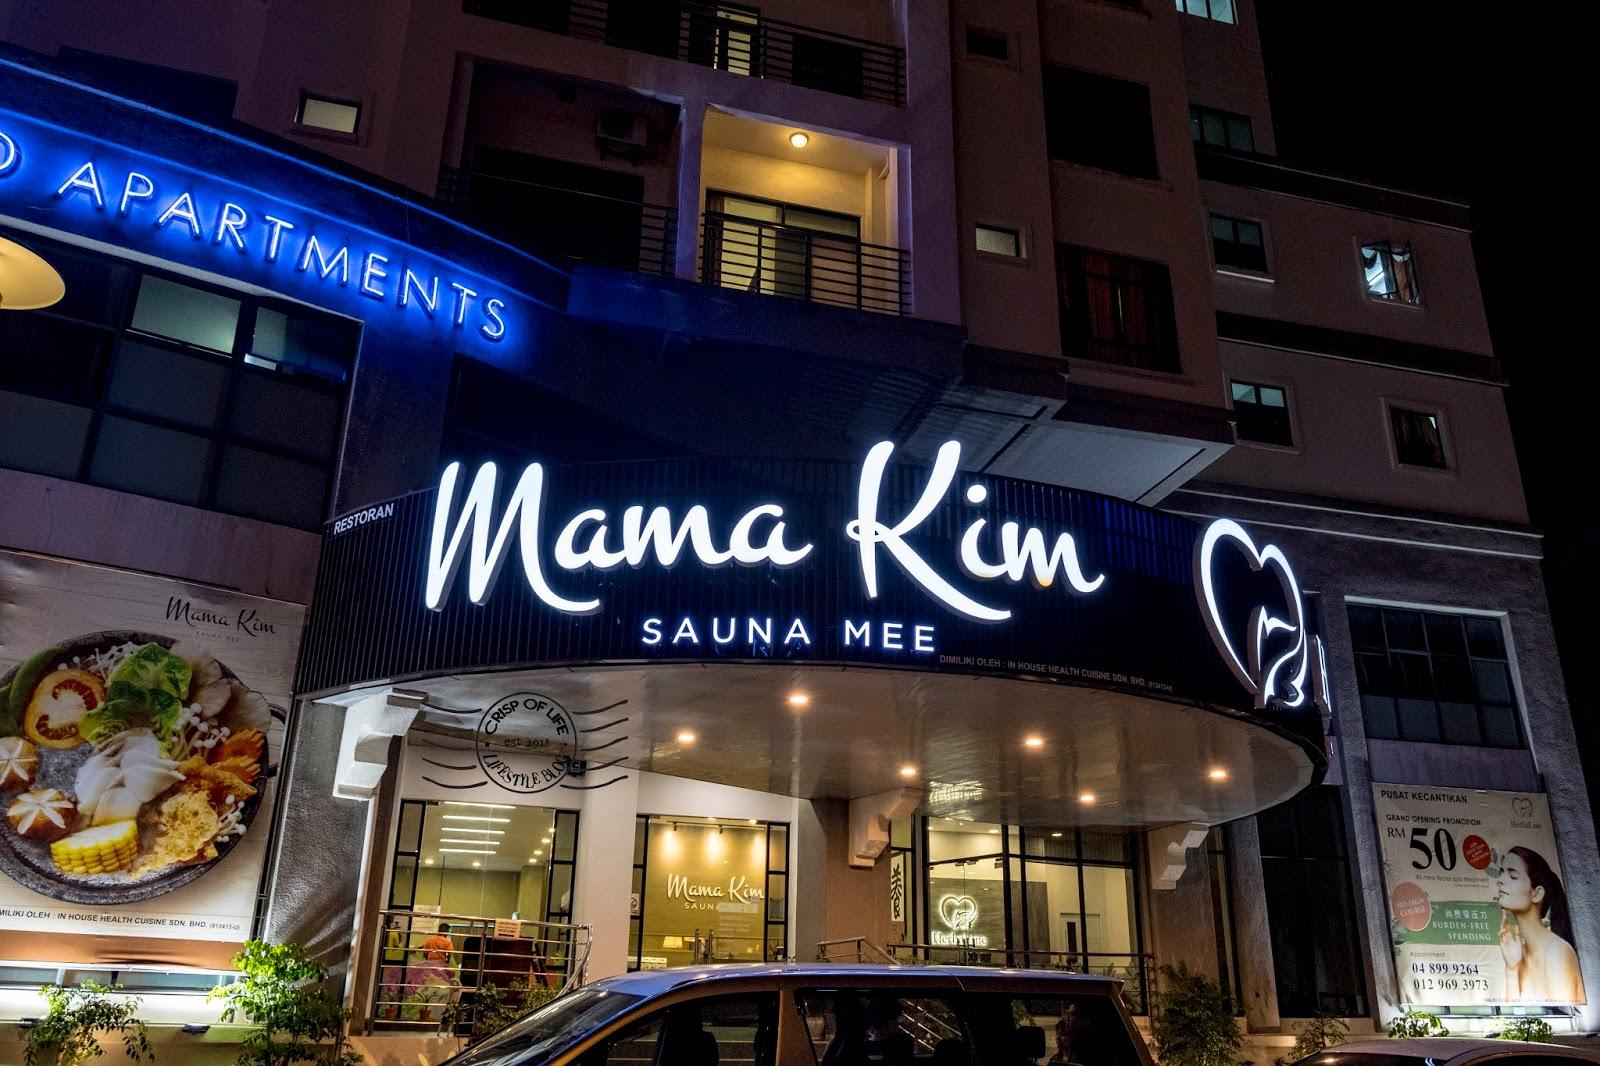 Mama Kim Sauna Mee @ Tanjung Tokong, Penang